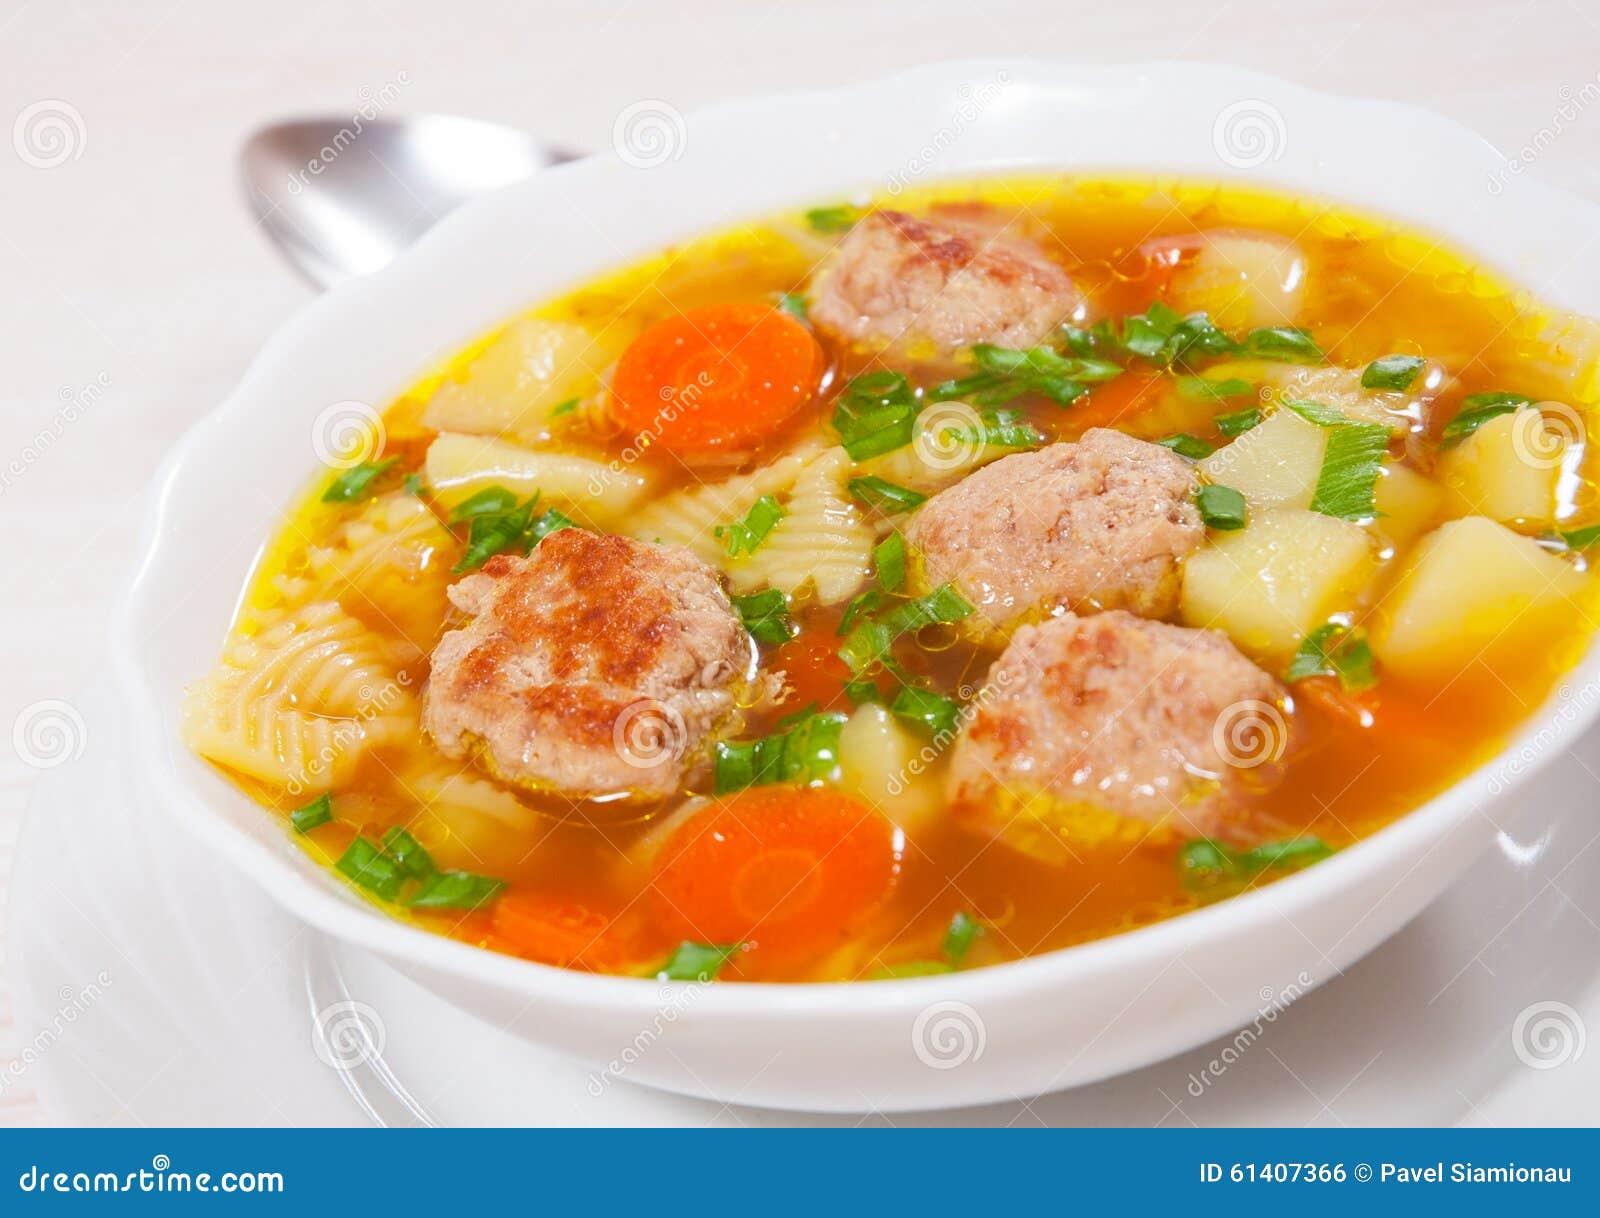 soupe avec des boulettes de viande des p 226 tes de farfalle et des l 233 gumes photo stock image